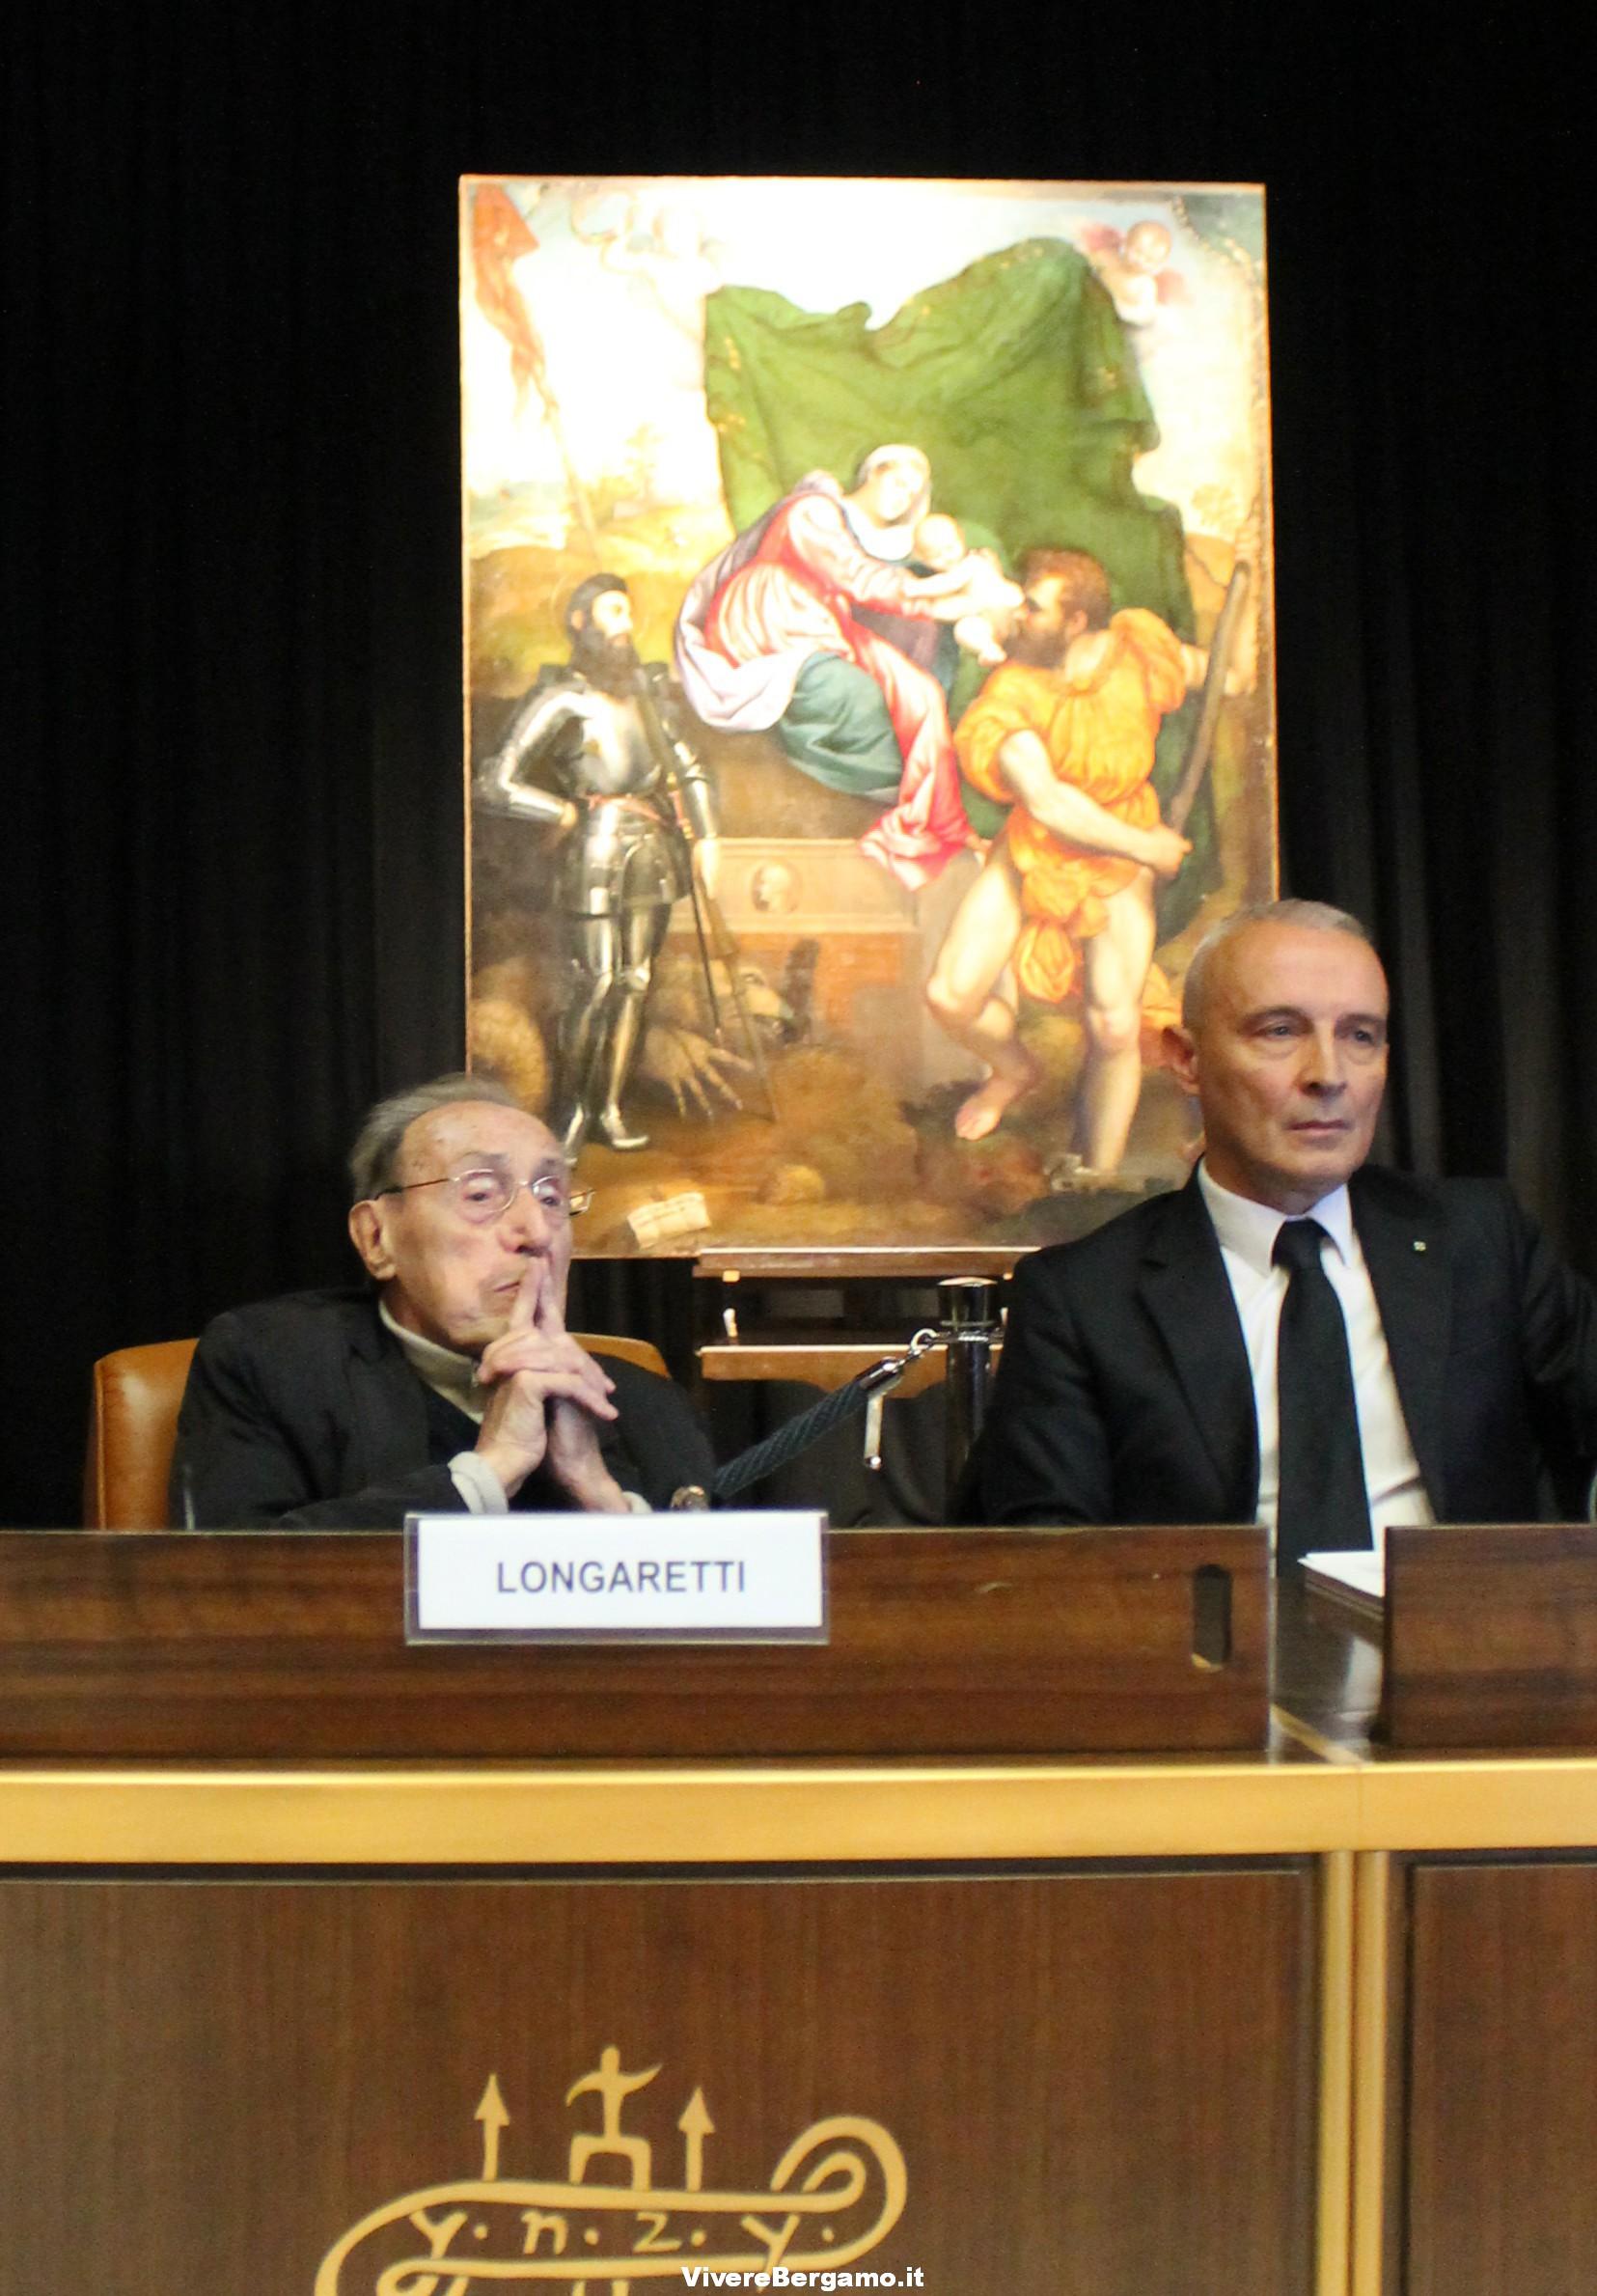 Conferenza stampa - Trento Longaretti